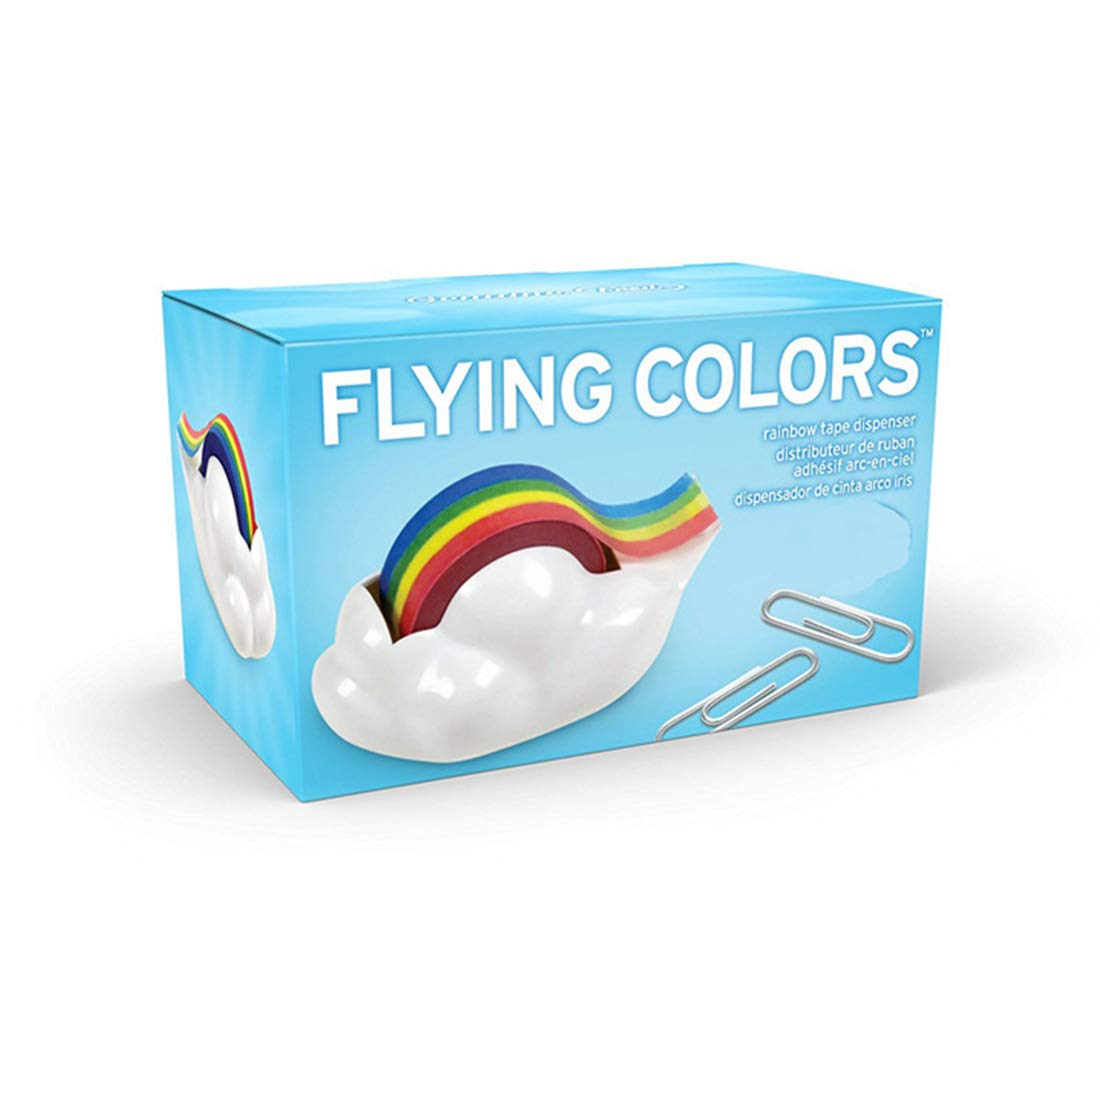 Amazon.com : Desktop Cloud Rainbow Tape Dispenser Ayiguri (1 Dispenser + 1 Rainbow Tape) : Office Products